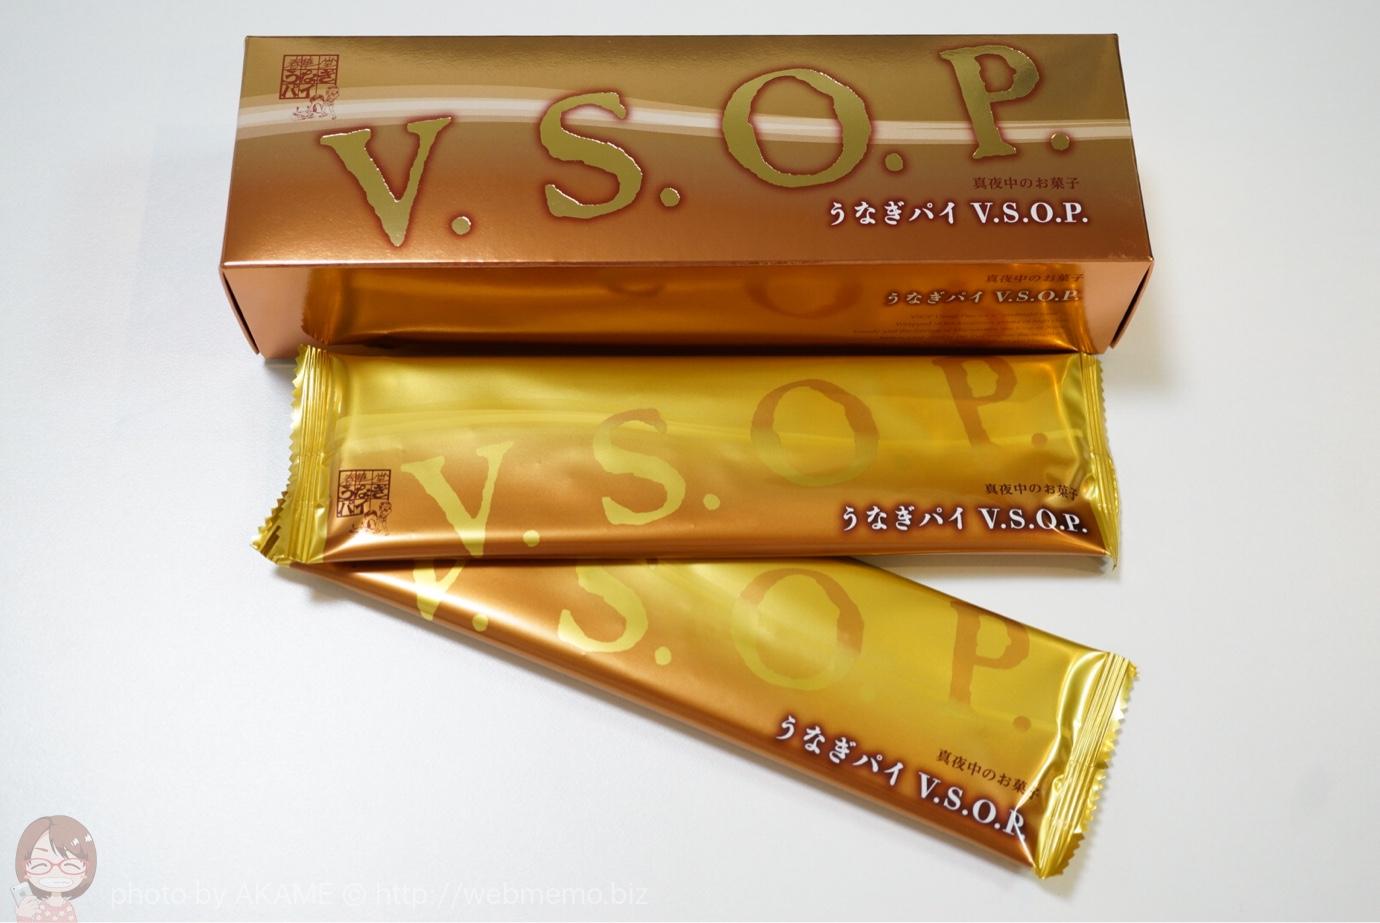 うなぎパイV.S.O.P 箱タイプ